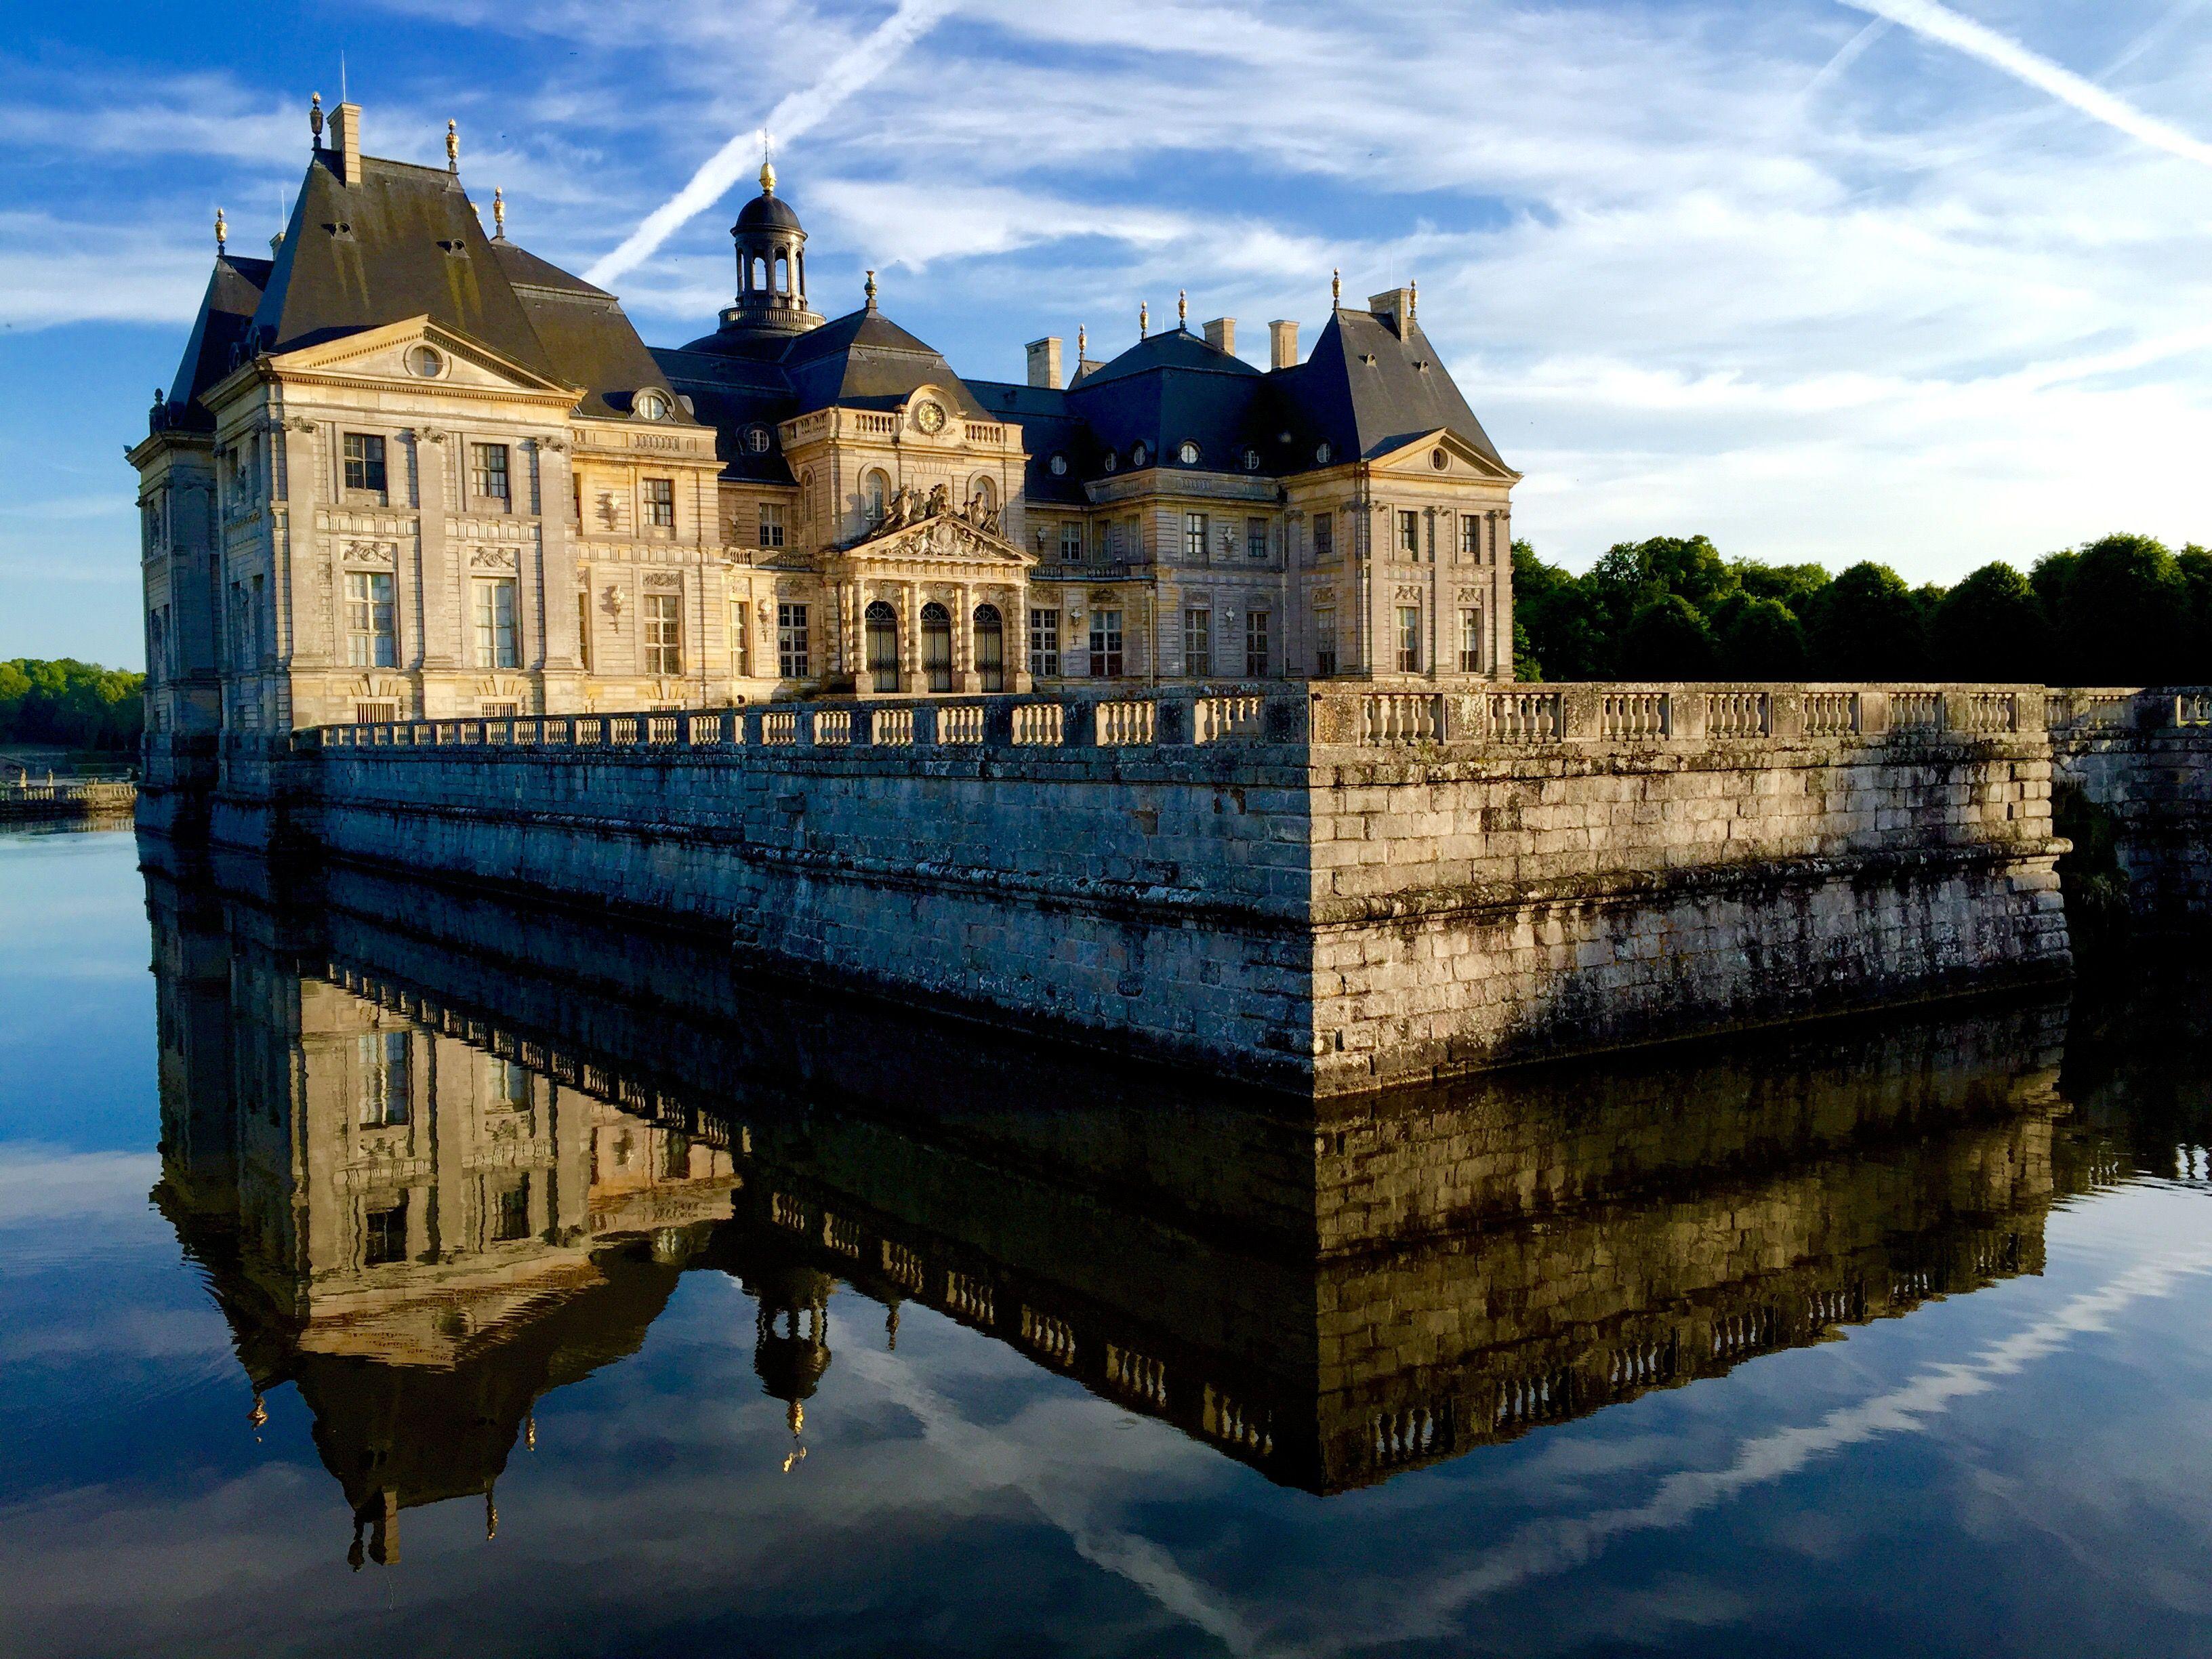 Chateau De Vaux-le-Vicomte sits along the water.